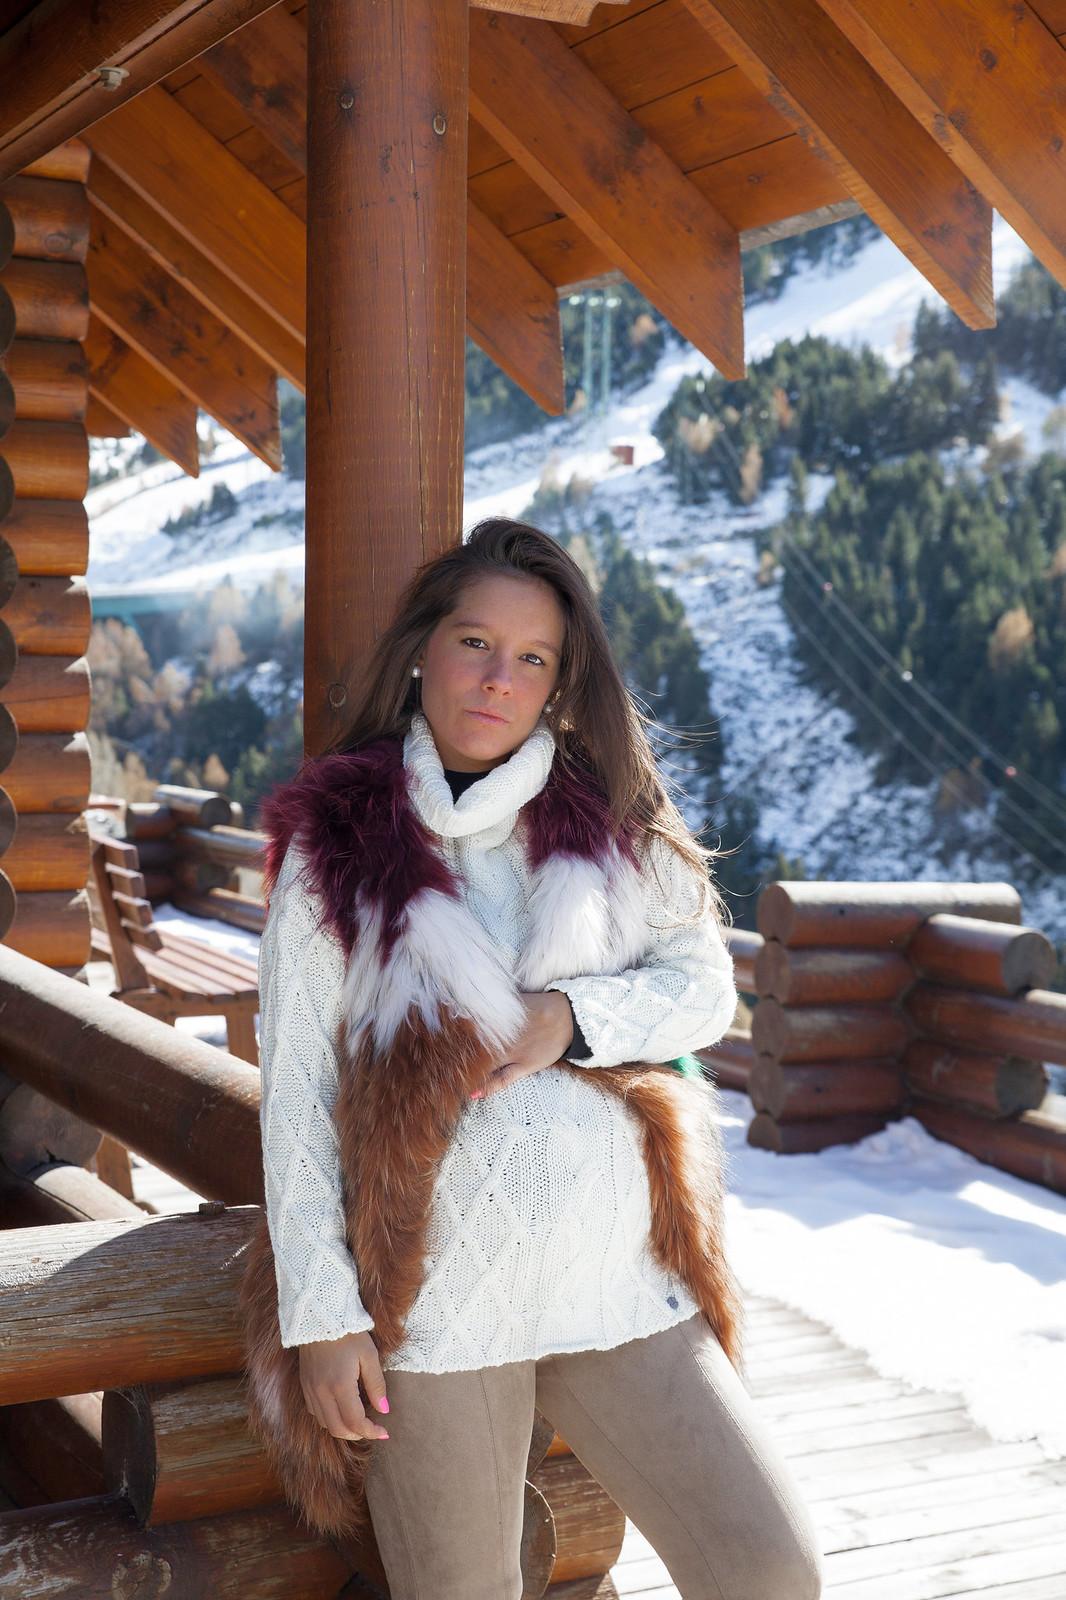 09_5_claves_para_un_look_apres_ski_tendencia_invierno_outfit_embarazada_comodo_nieve_theguestgirl_laura_santolaria_ruga_hpreppy_faux_fur_colores